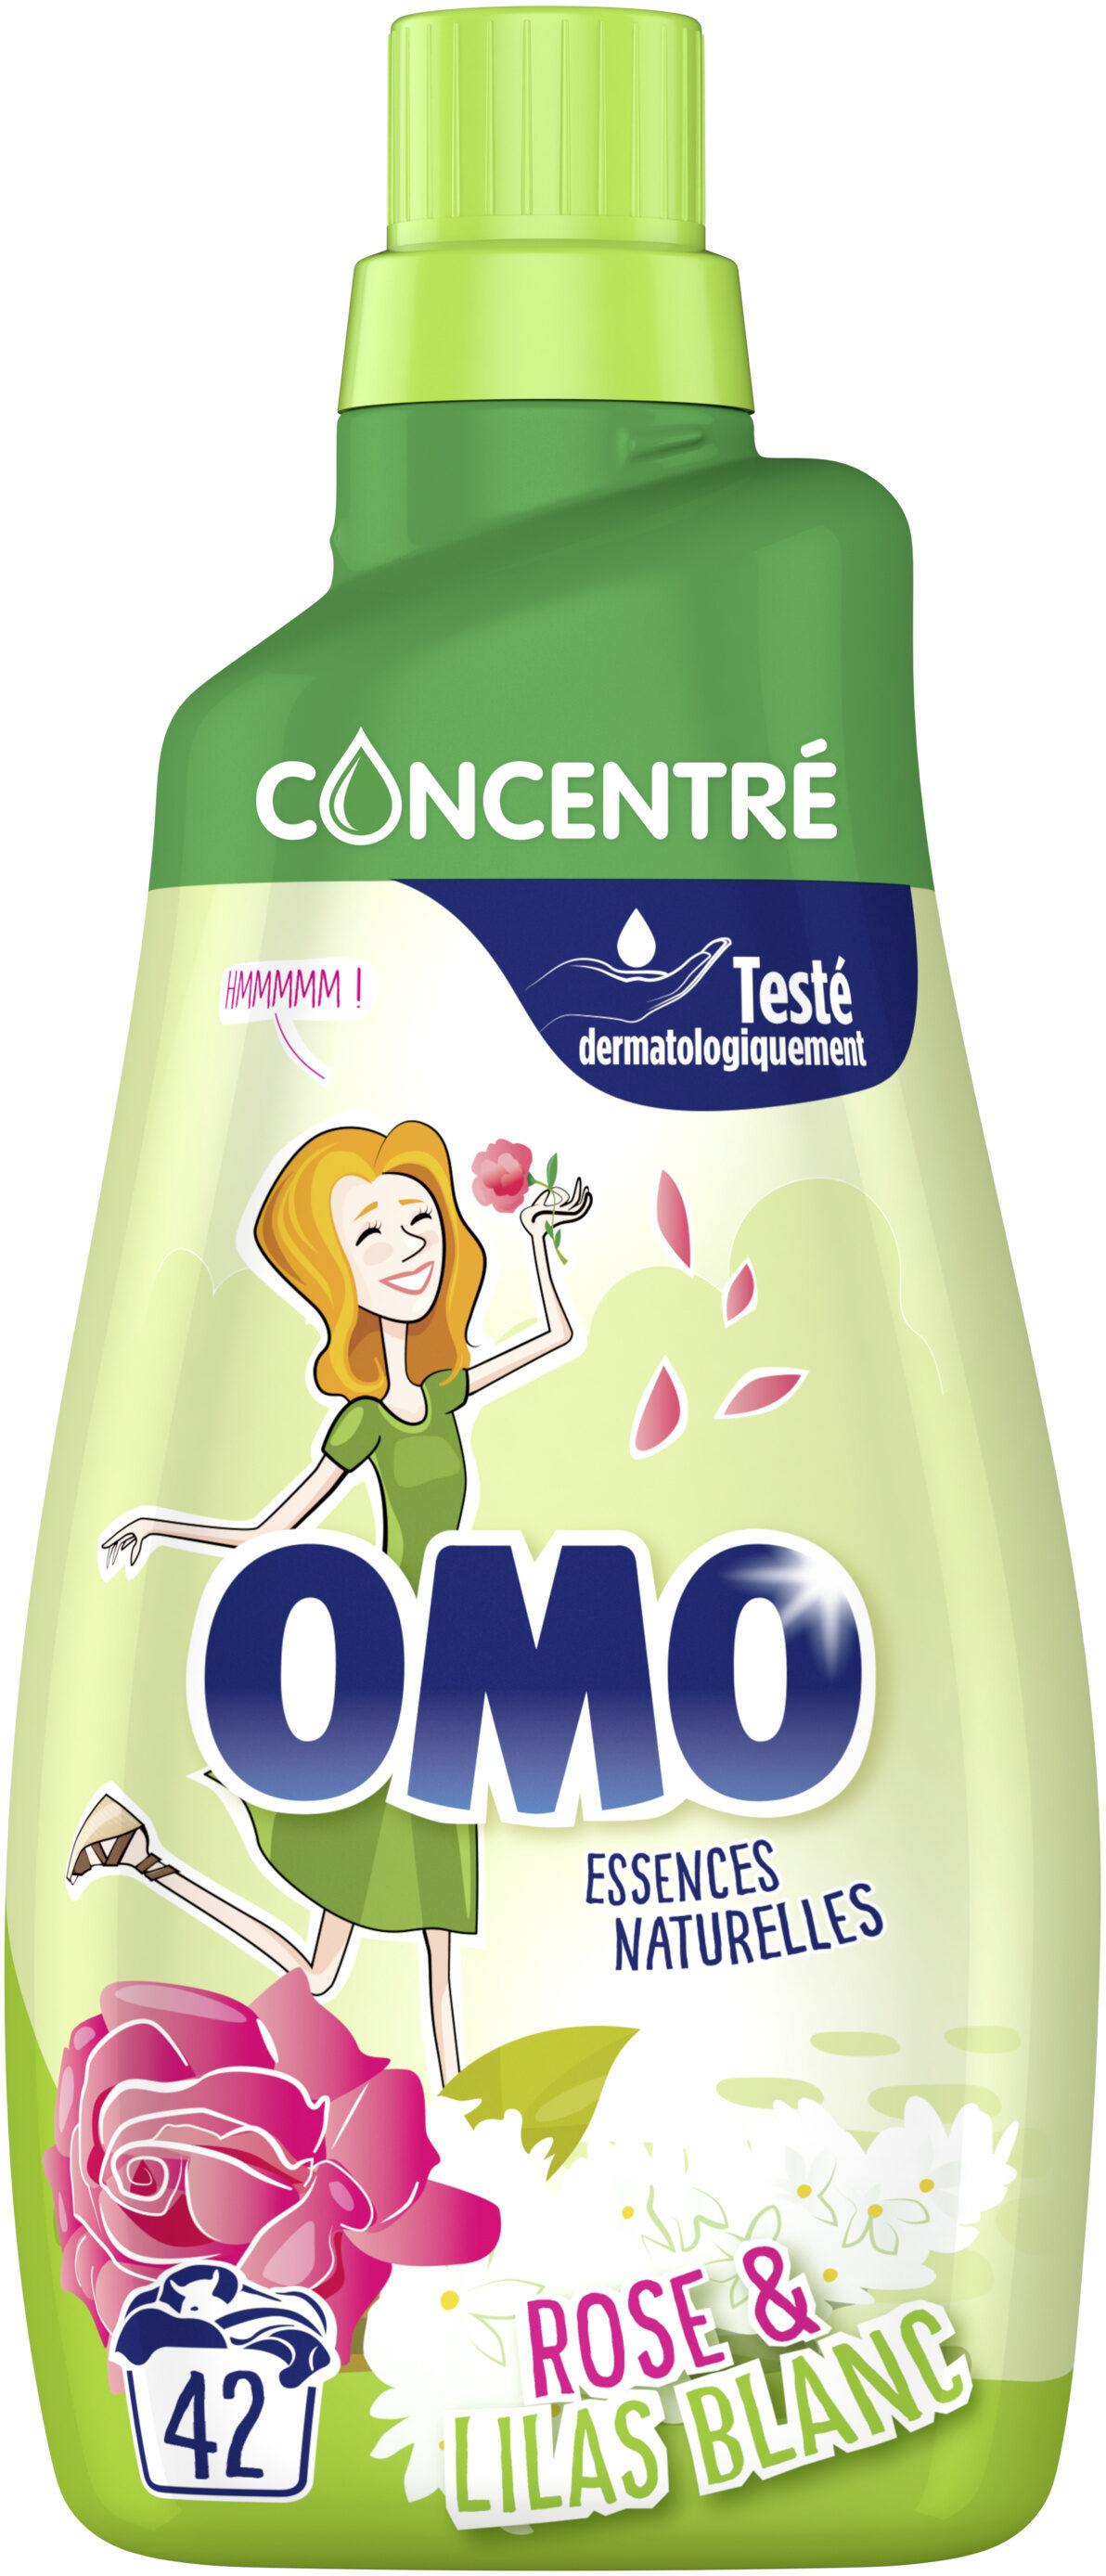 Omo Lessive Liquide Concentrée Rose & Lilas Blanc 42 Lavages - 1,47L - Product - fr